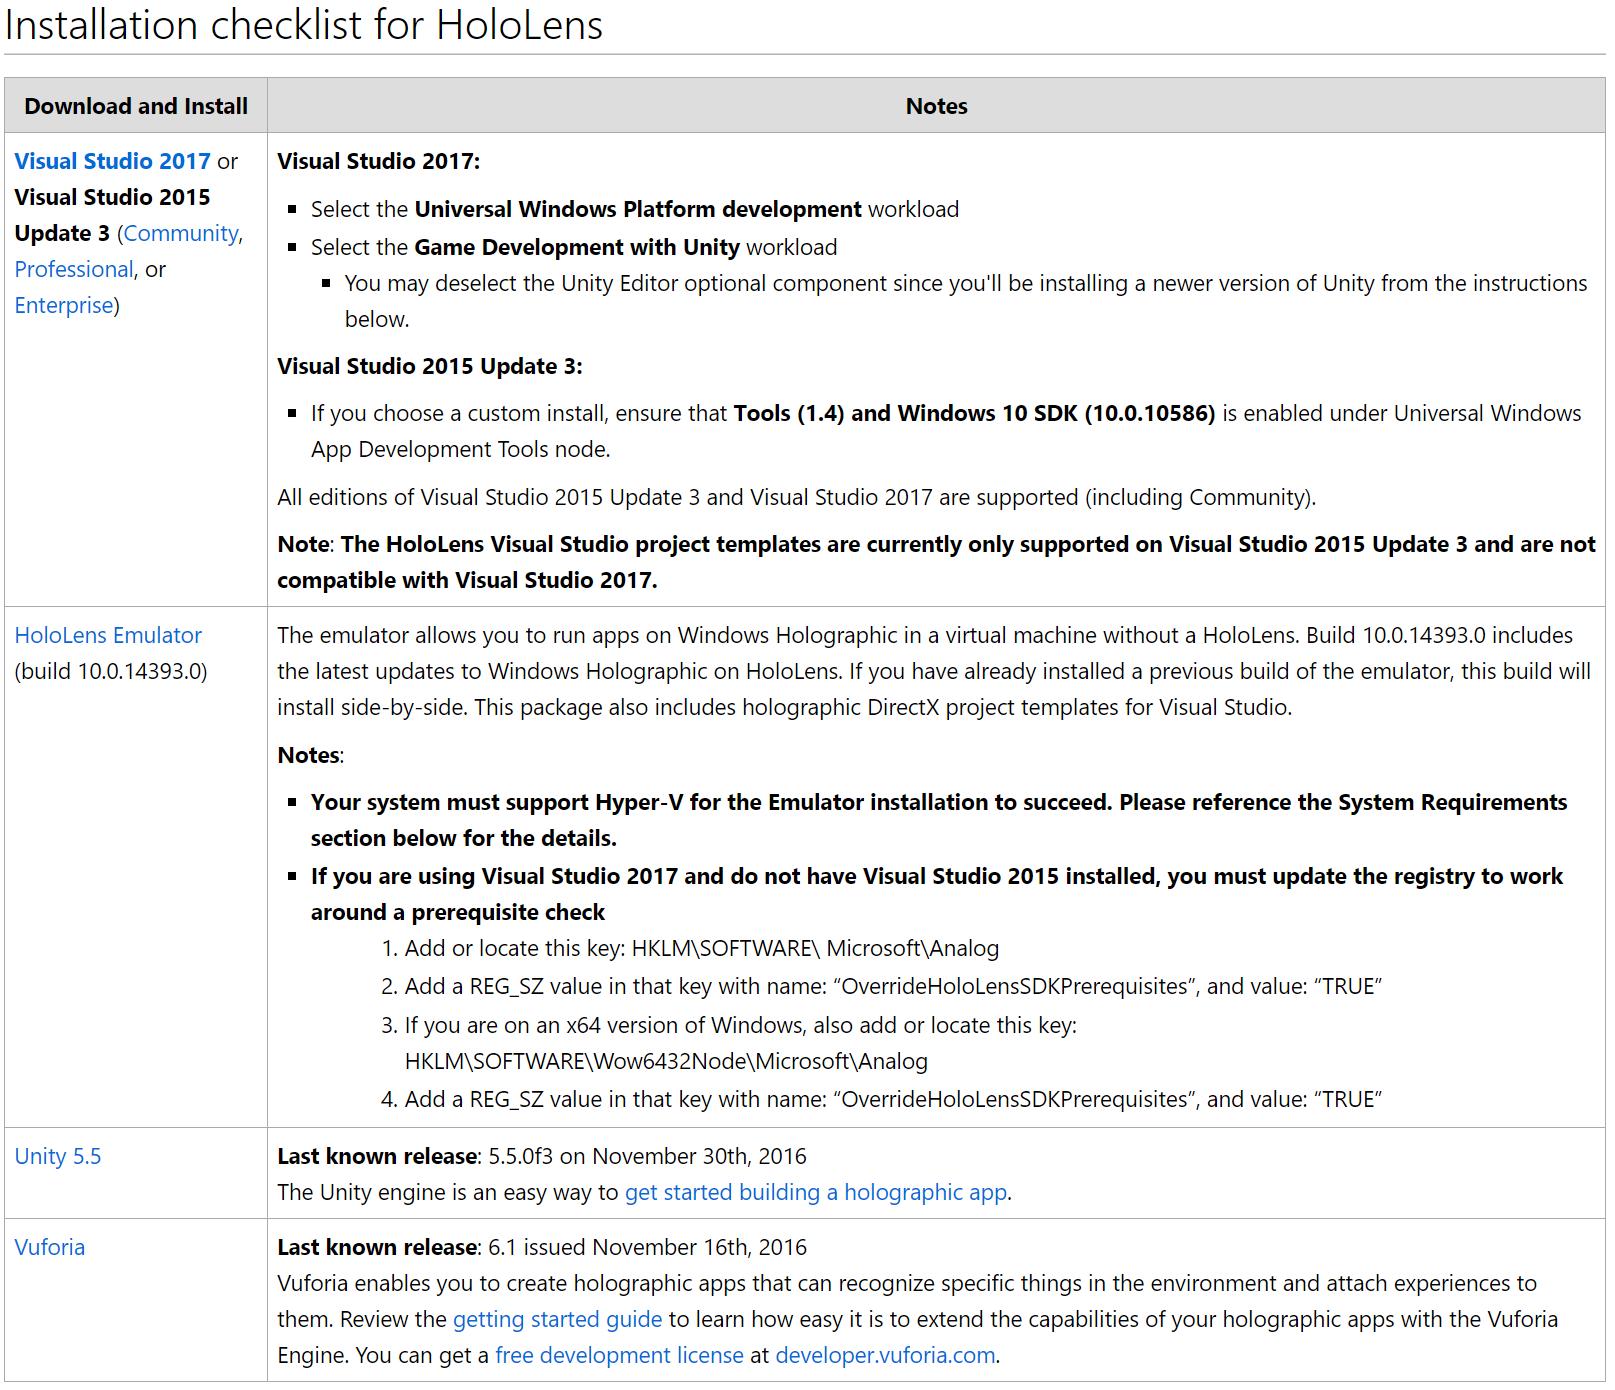 Instration checklist fot hololens.PNG